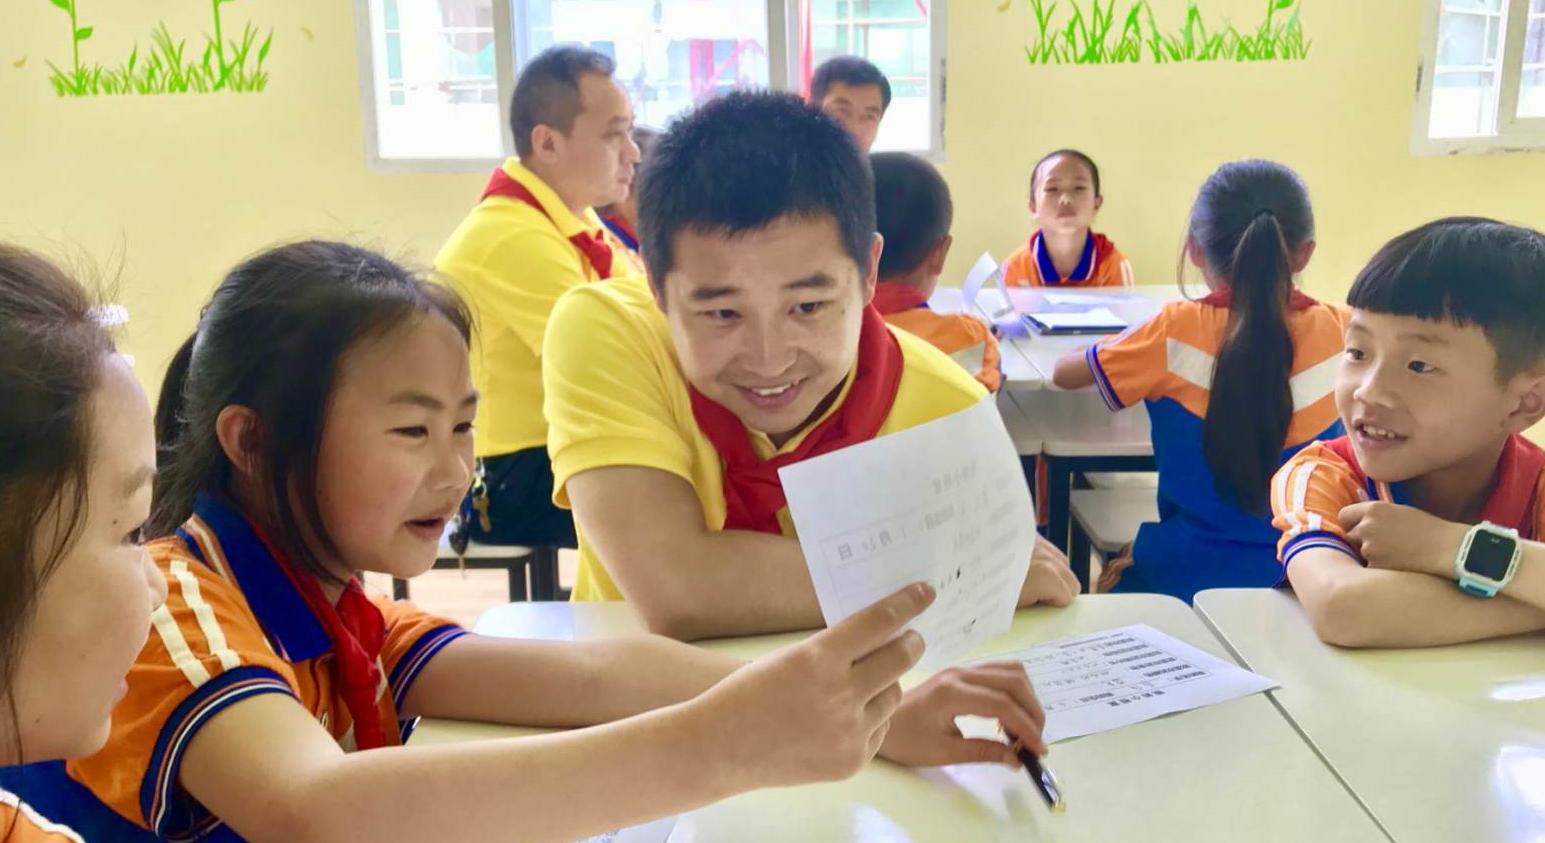 能量中国携手一起教育科技对习水县学校进行教育援助